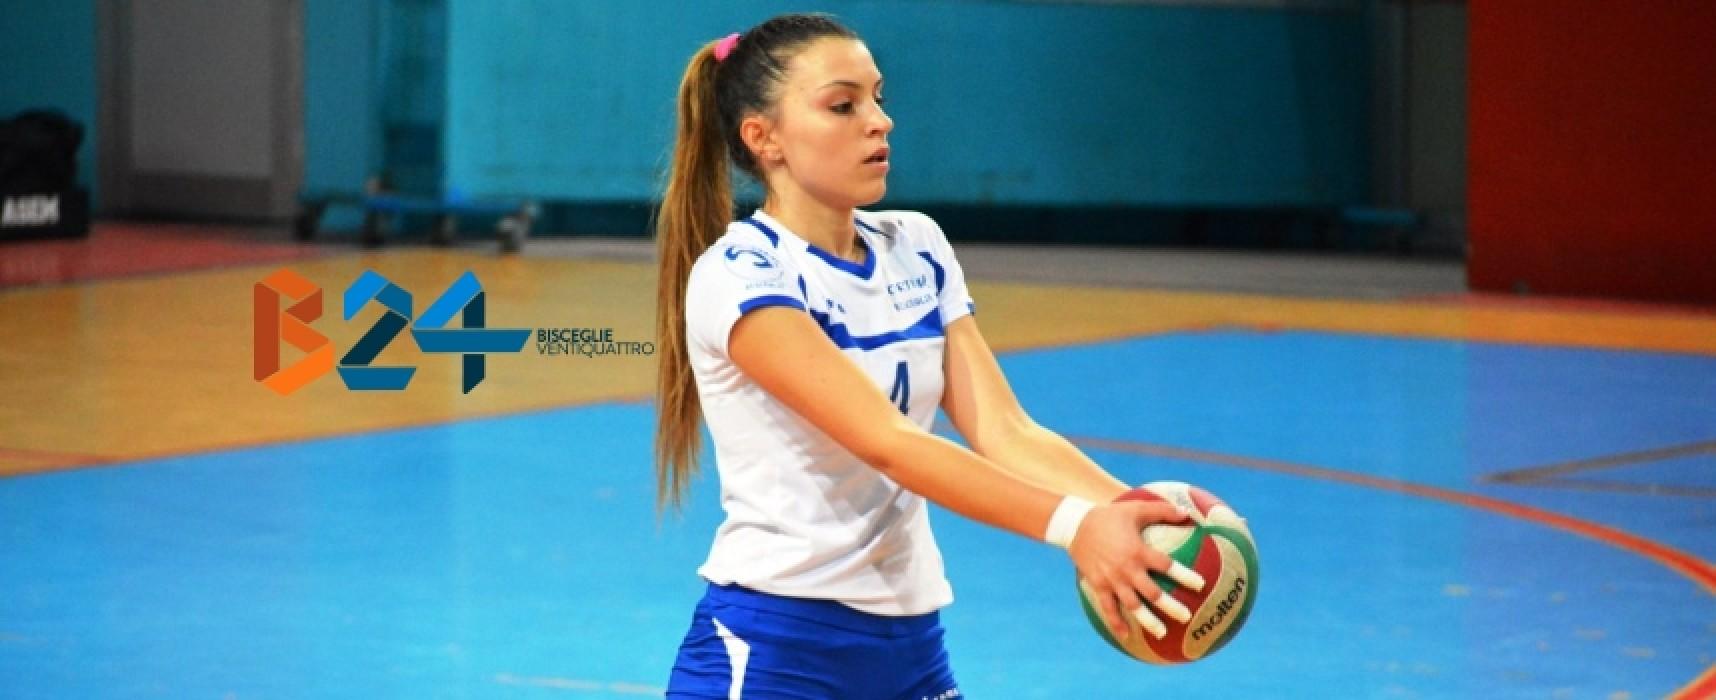 Ester Haliti passa da Sportilia Bisceglie al Pharma Volley Giuliani